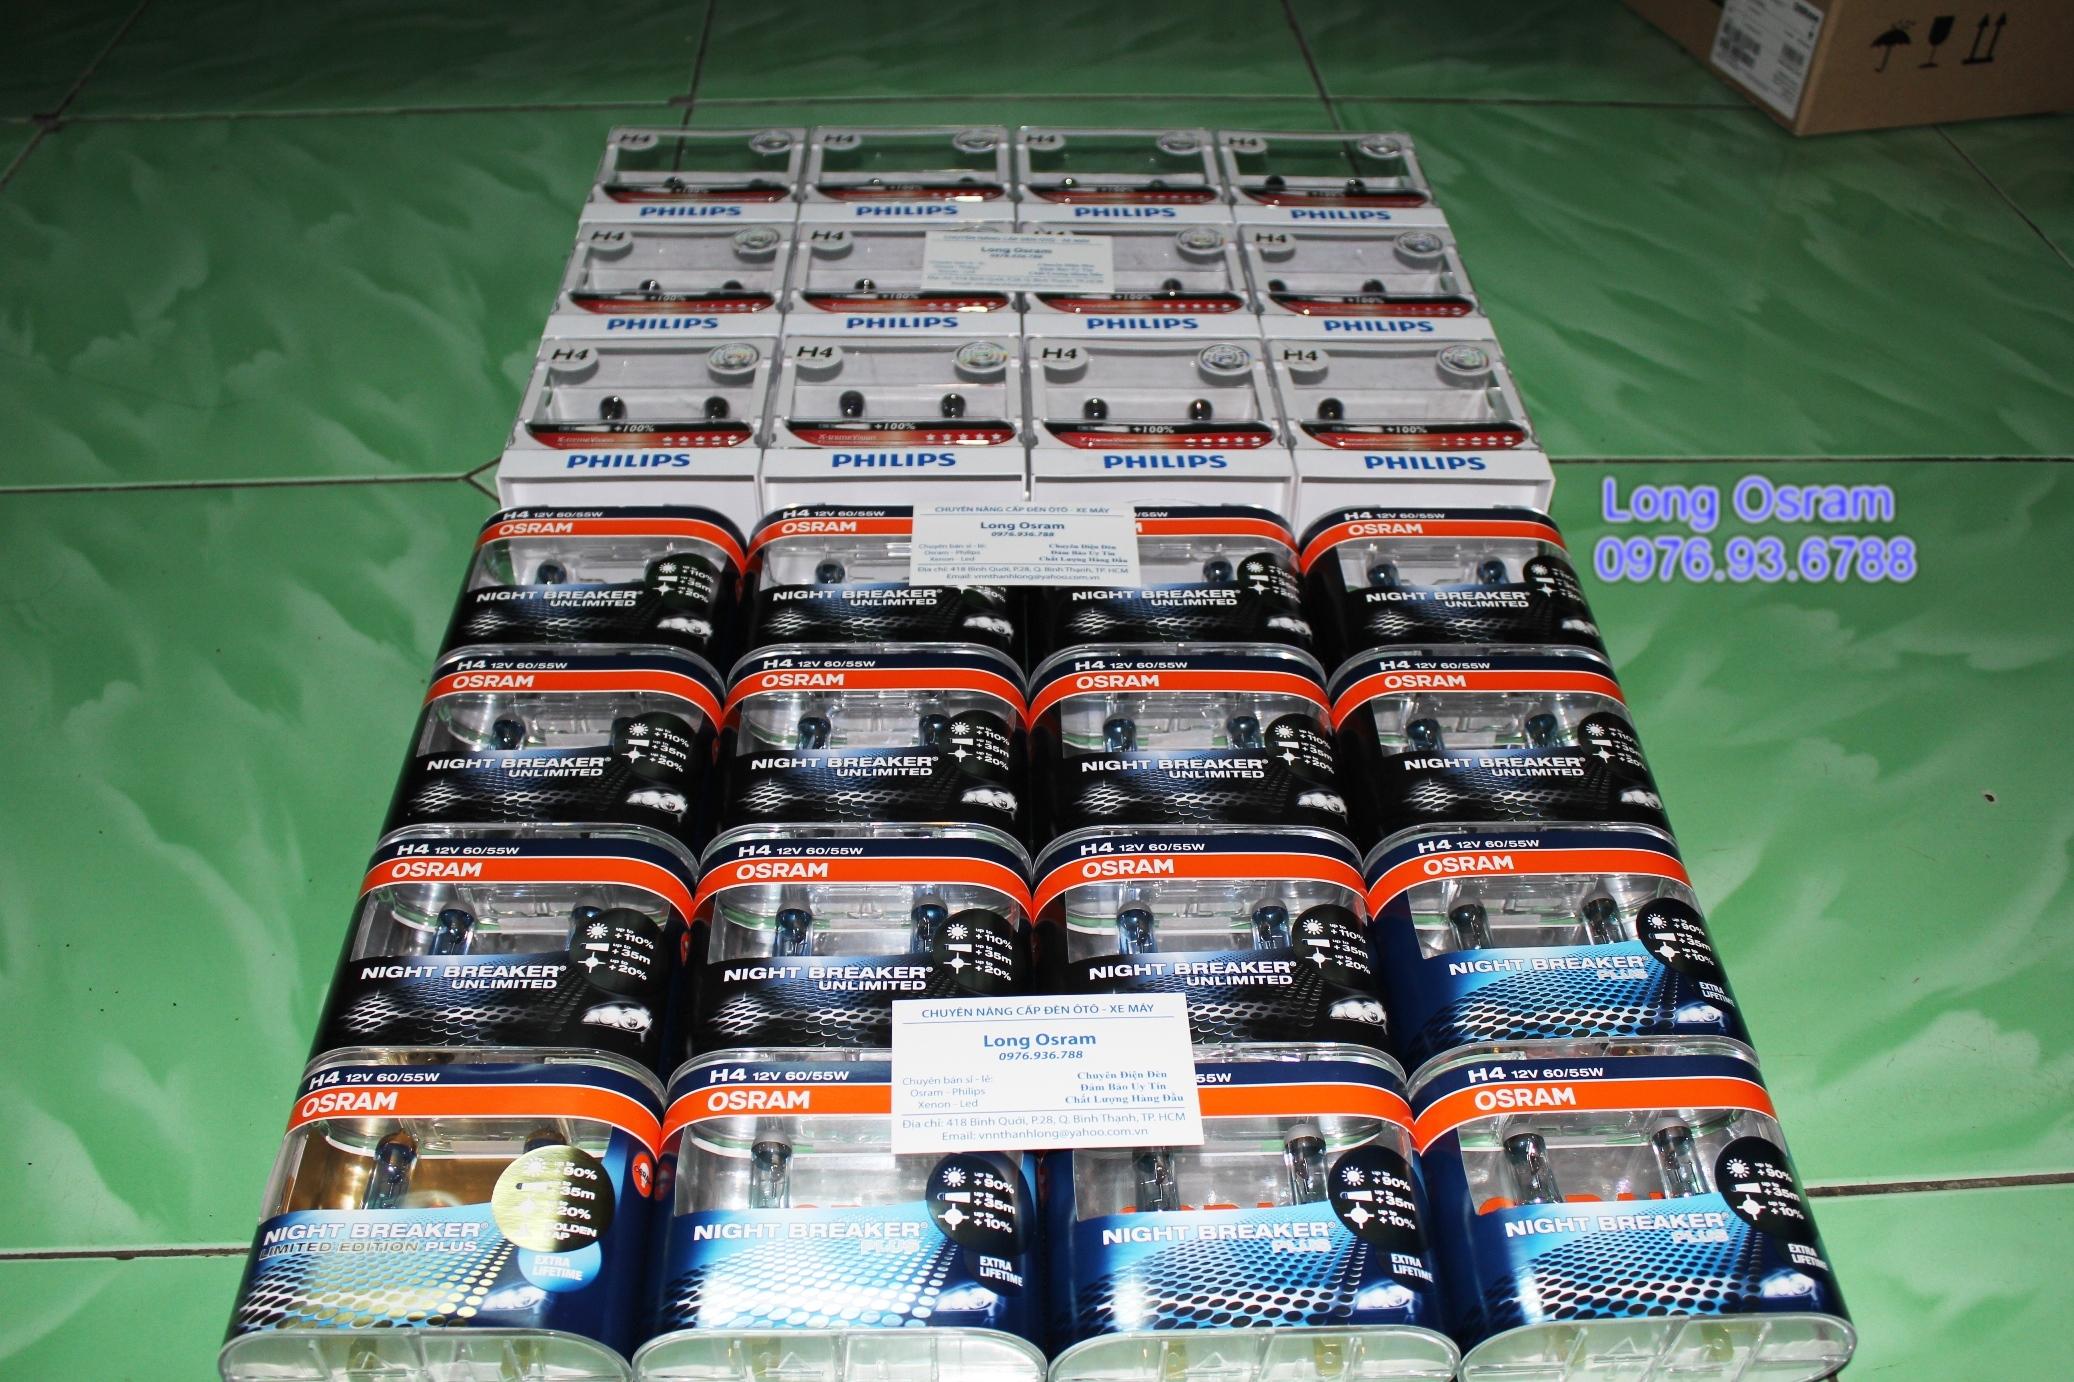 Osram Night Breaker, Philips Xtreme, Xenon Germany...ánh sáng cho xế yêu đây. - 1